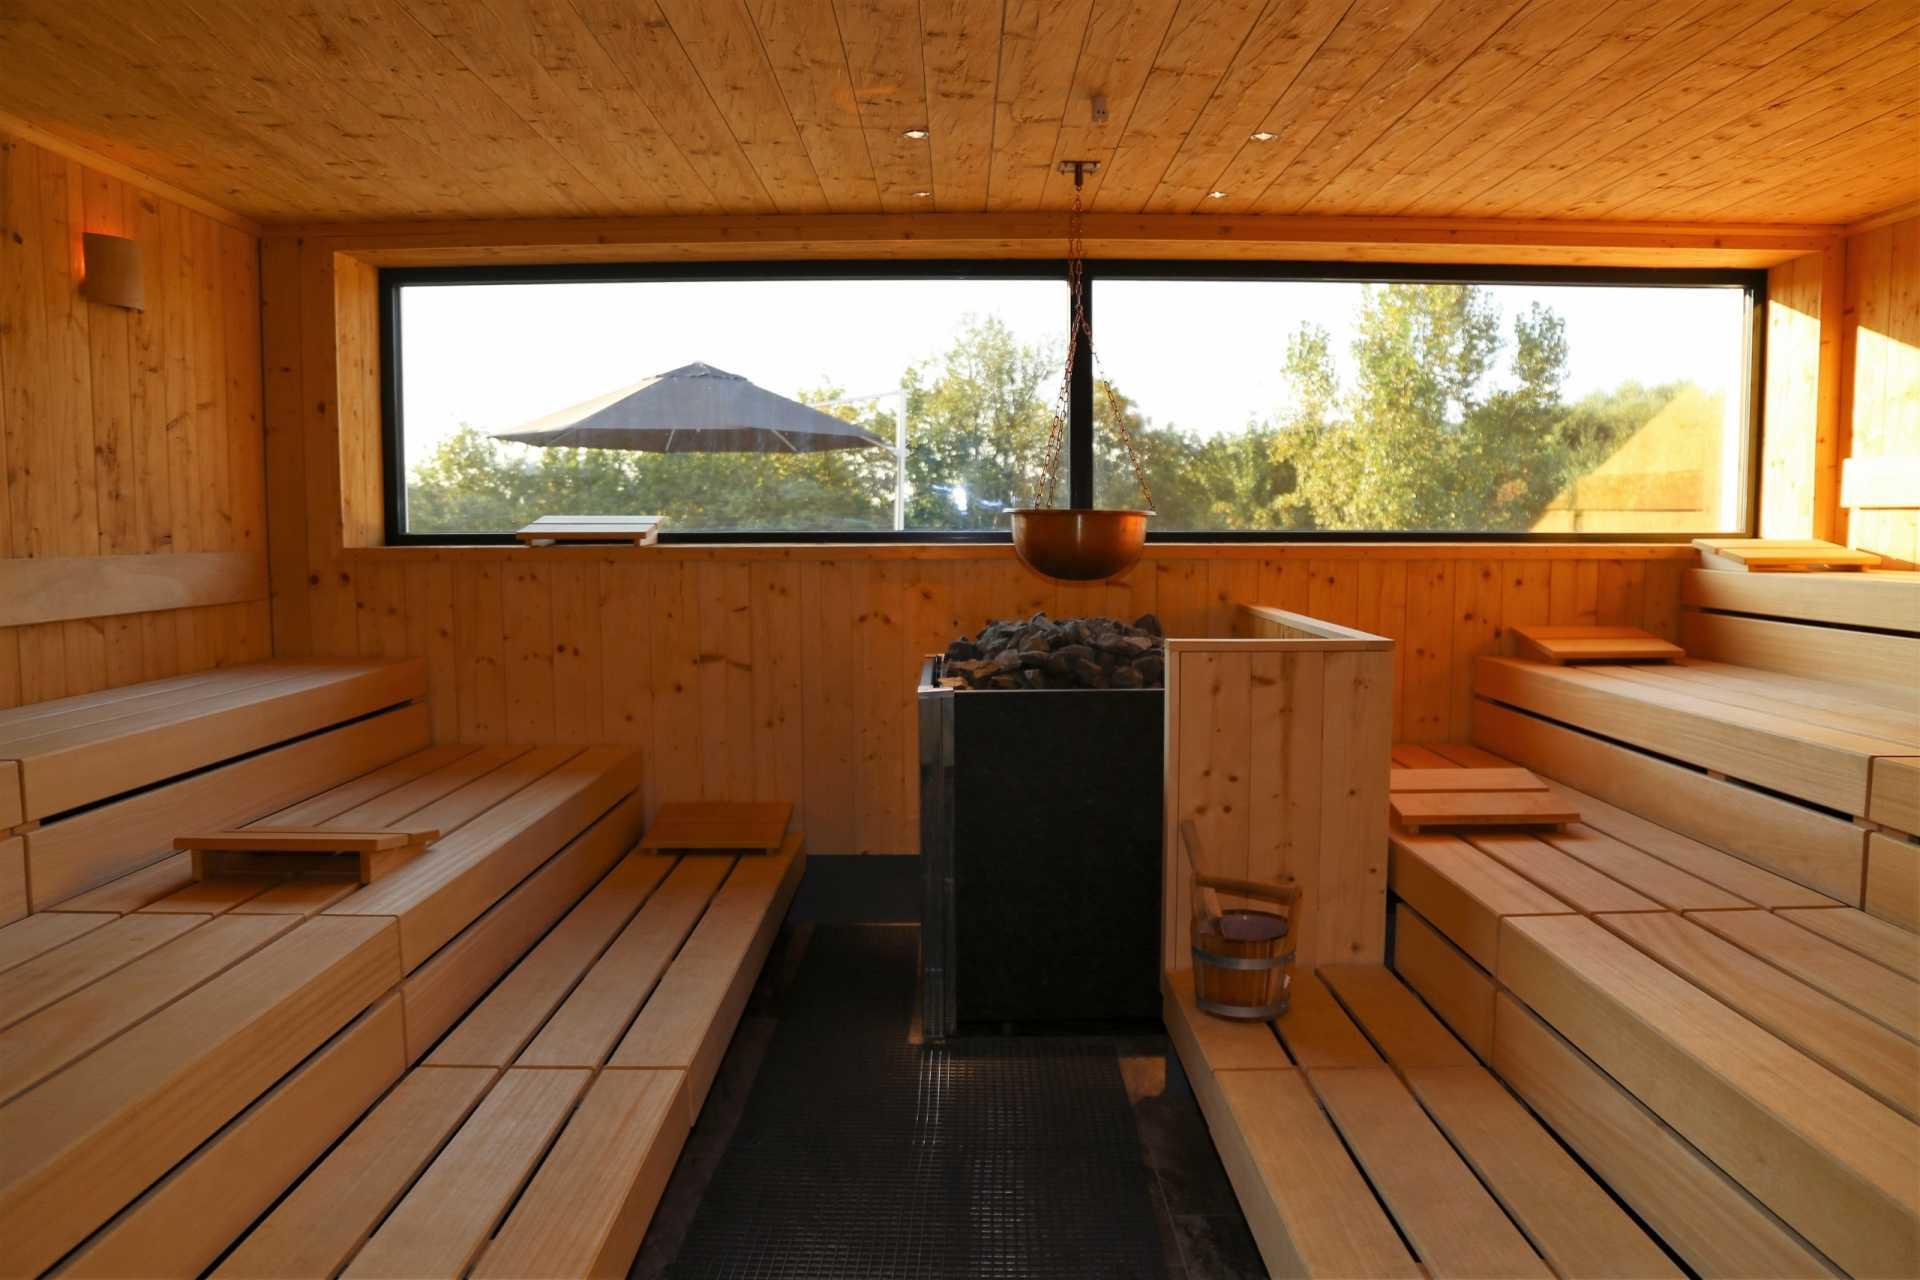 Sauna im Garten Baugenehmigung Rheinland-Pfalz